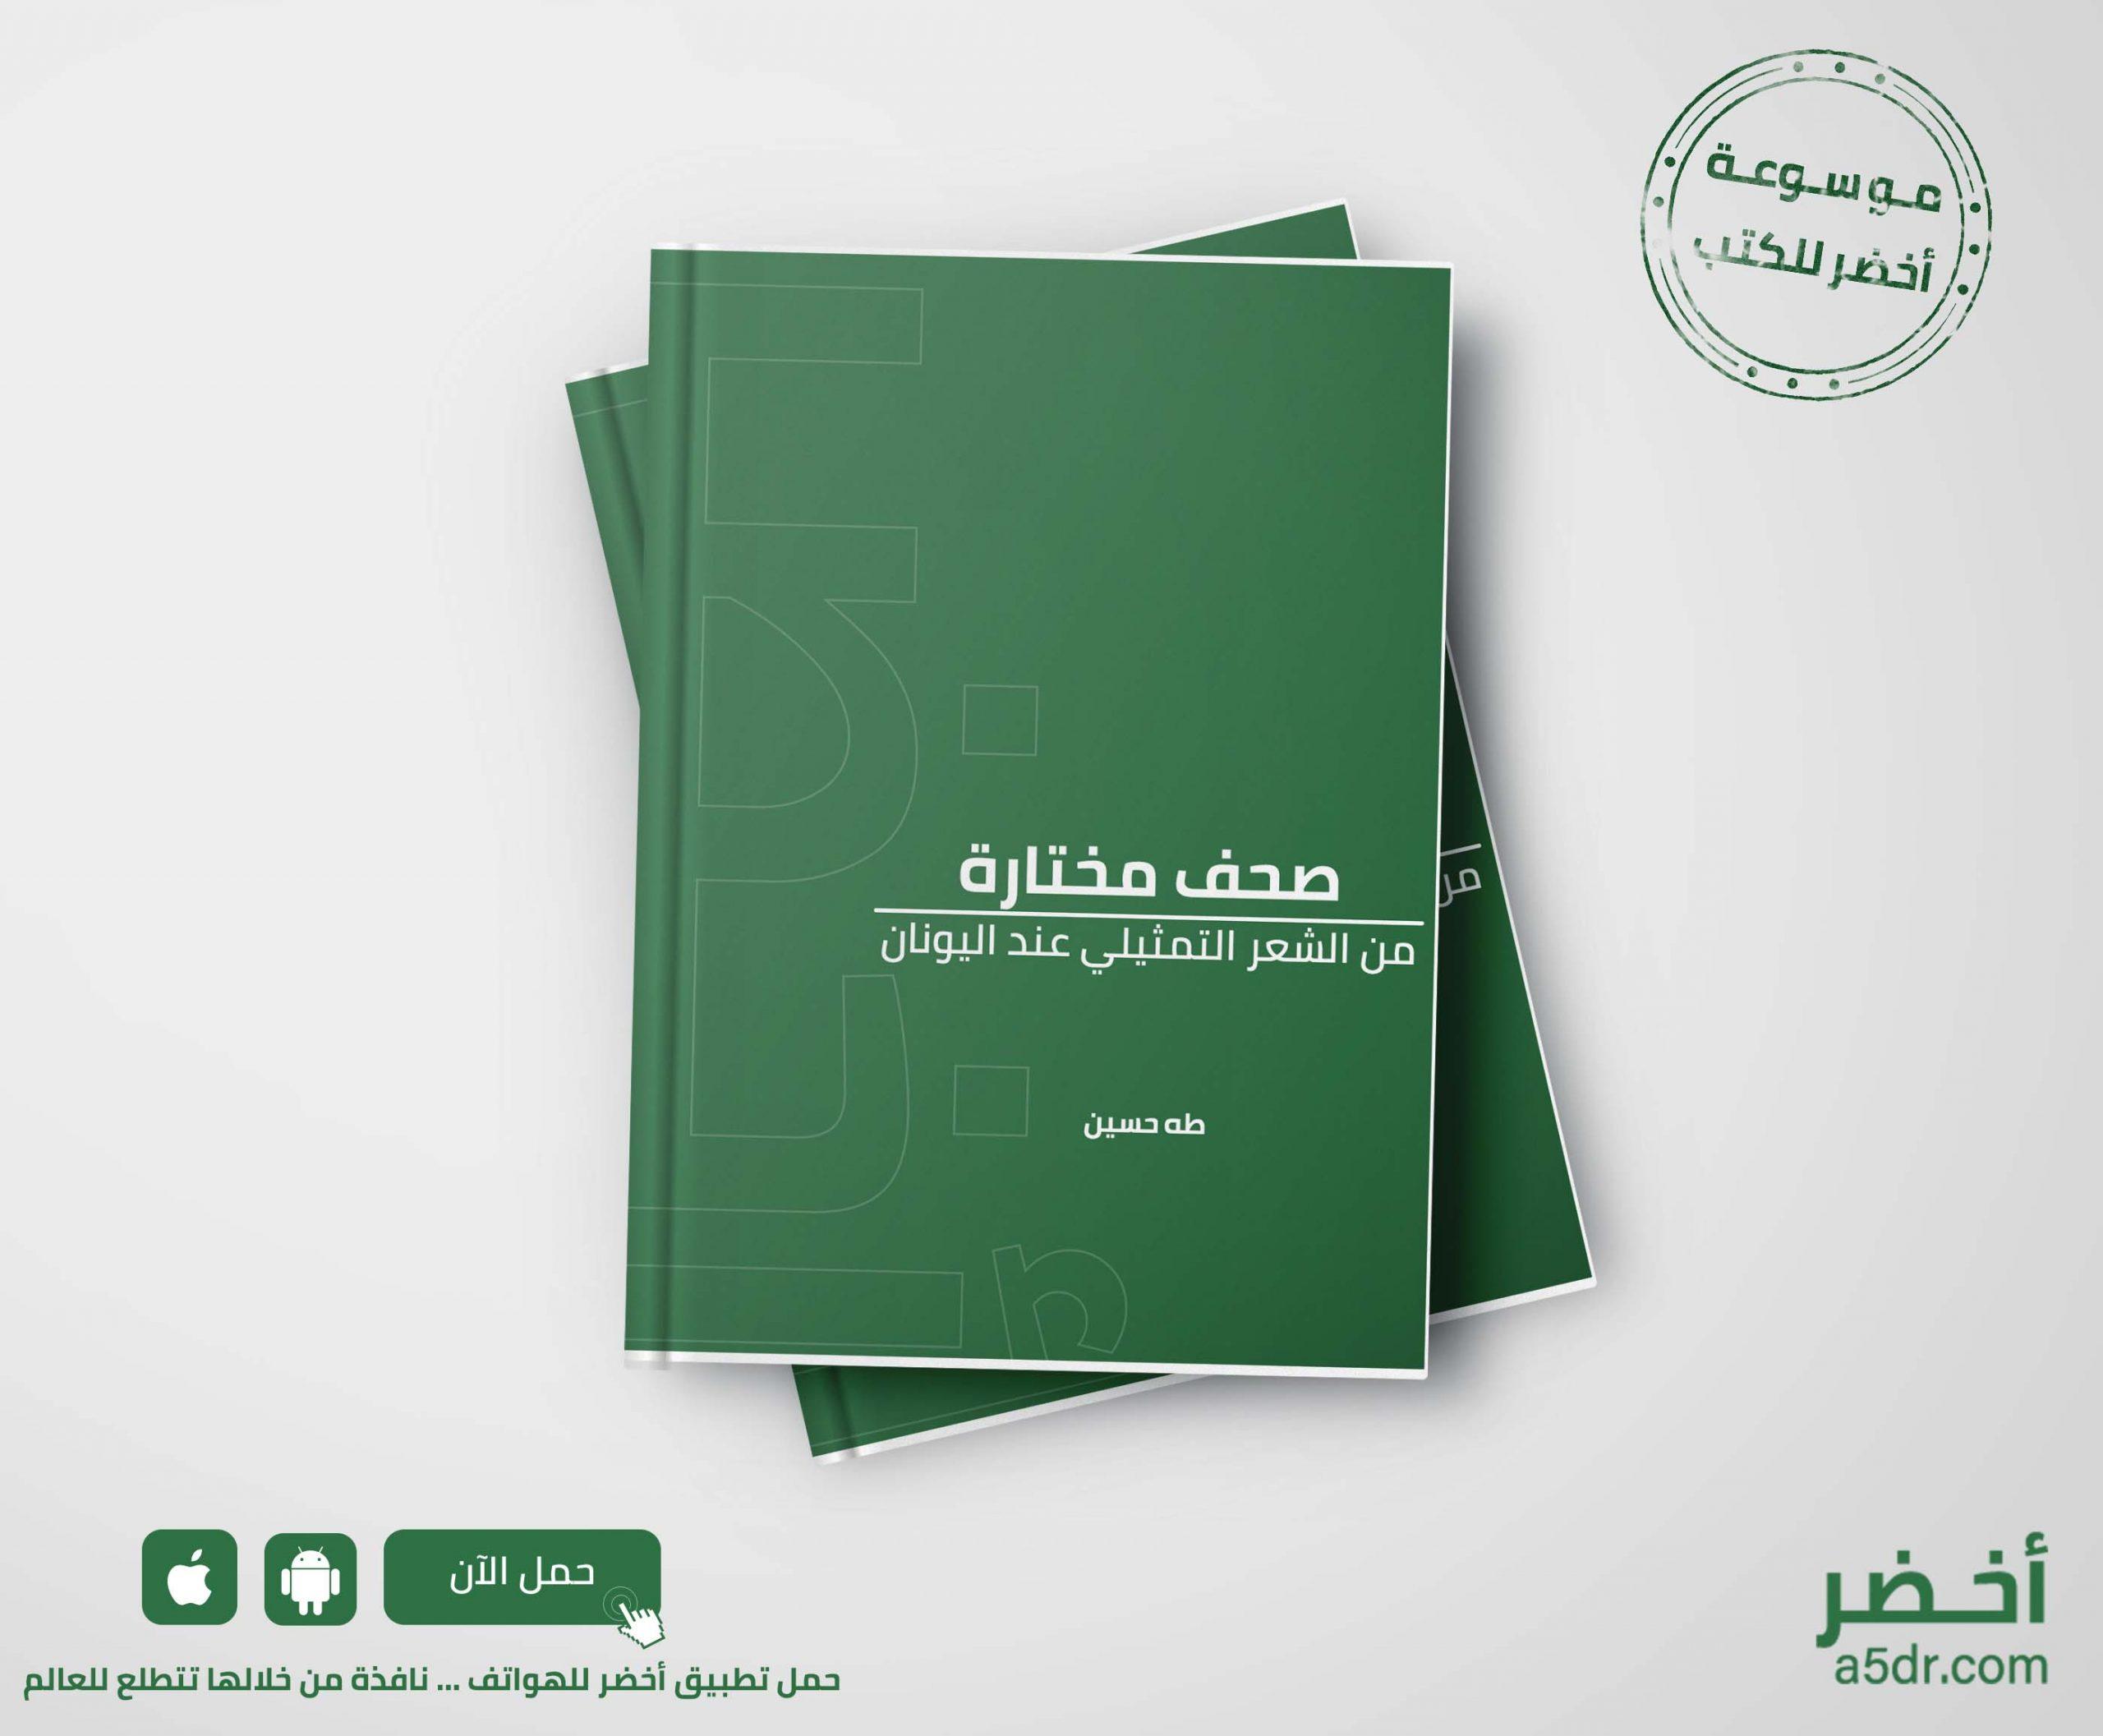 كتاب صحف مختارة من الشعر التمثيلي عند اليونان - طه حسين